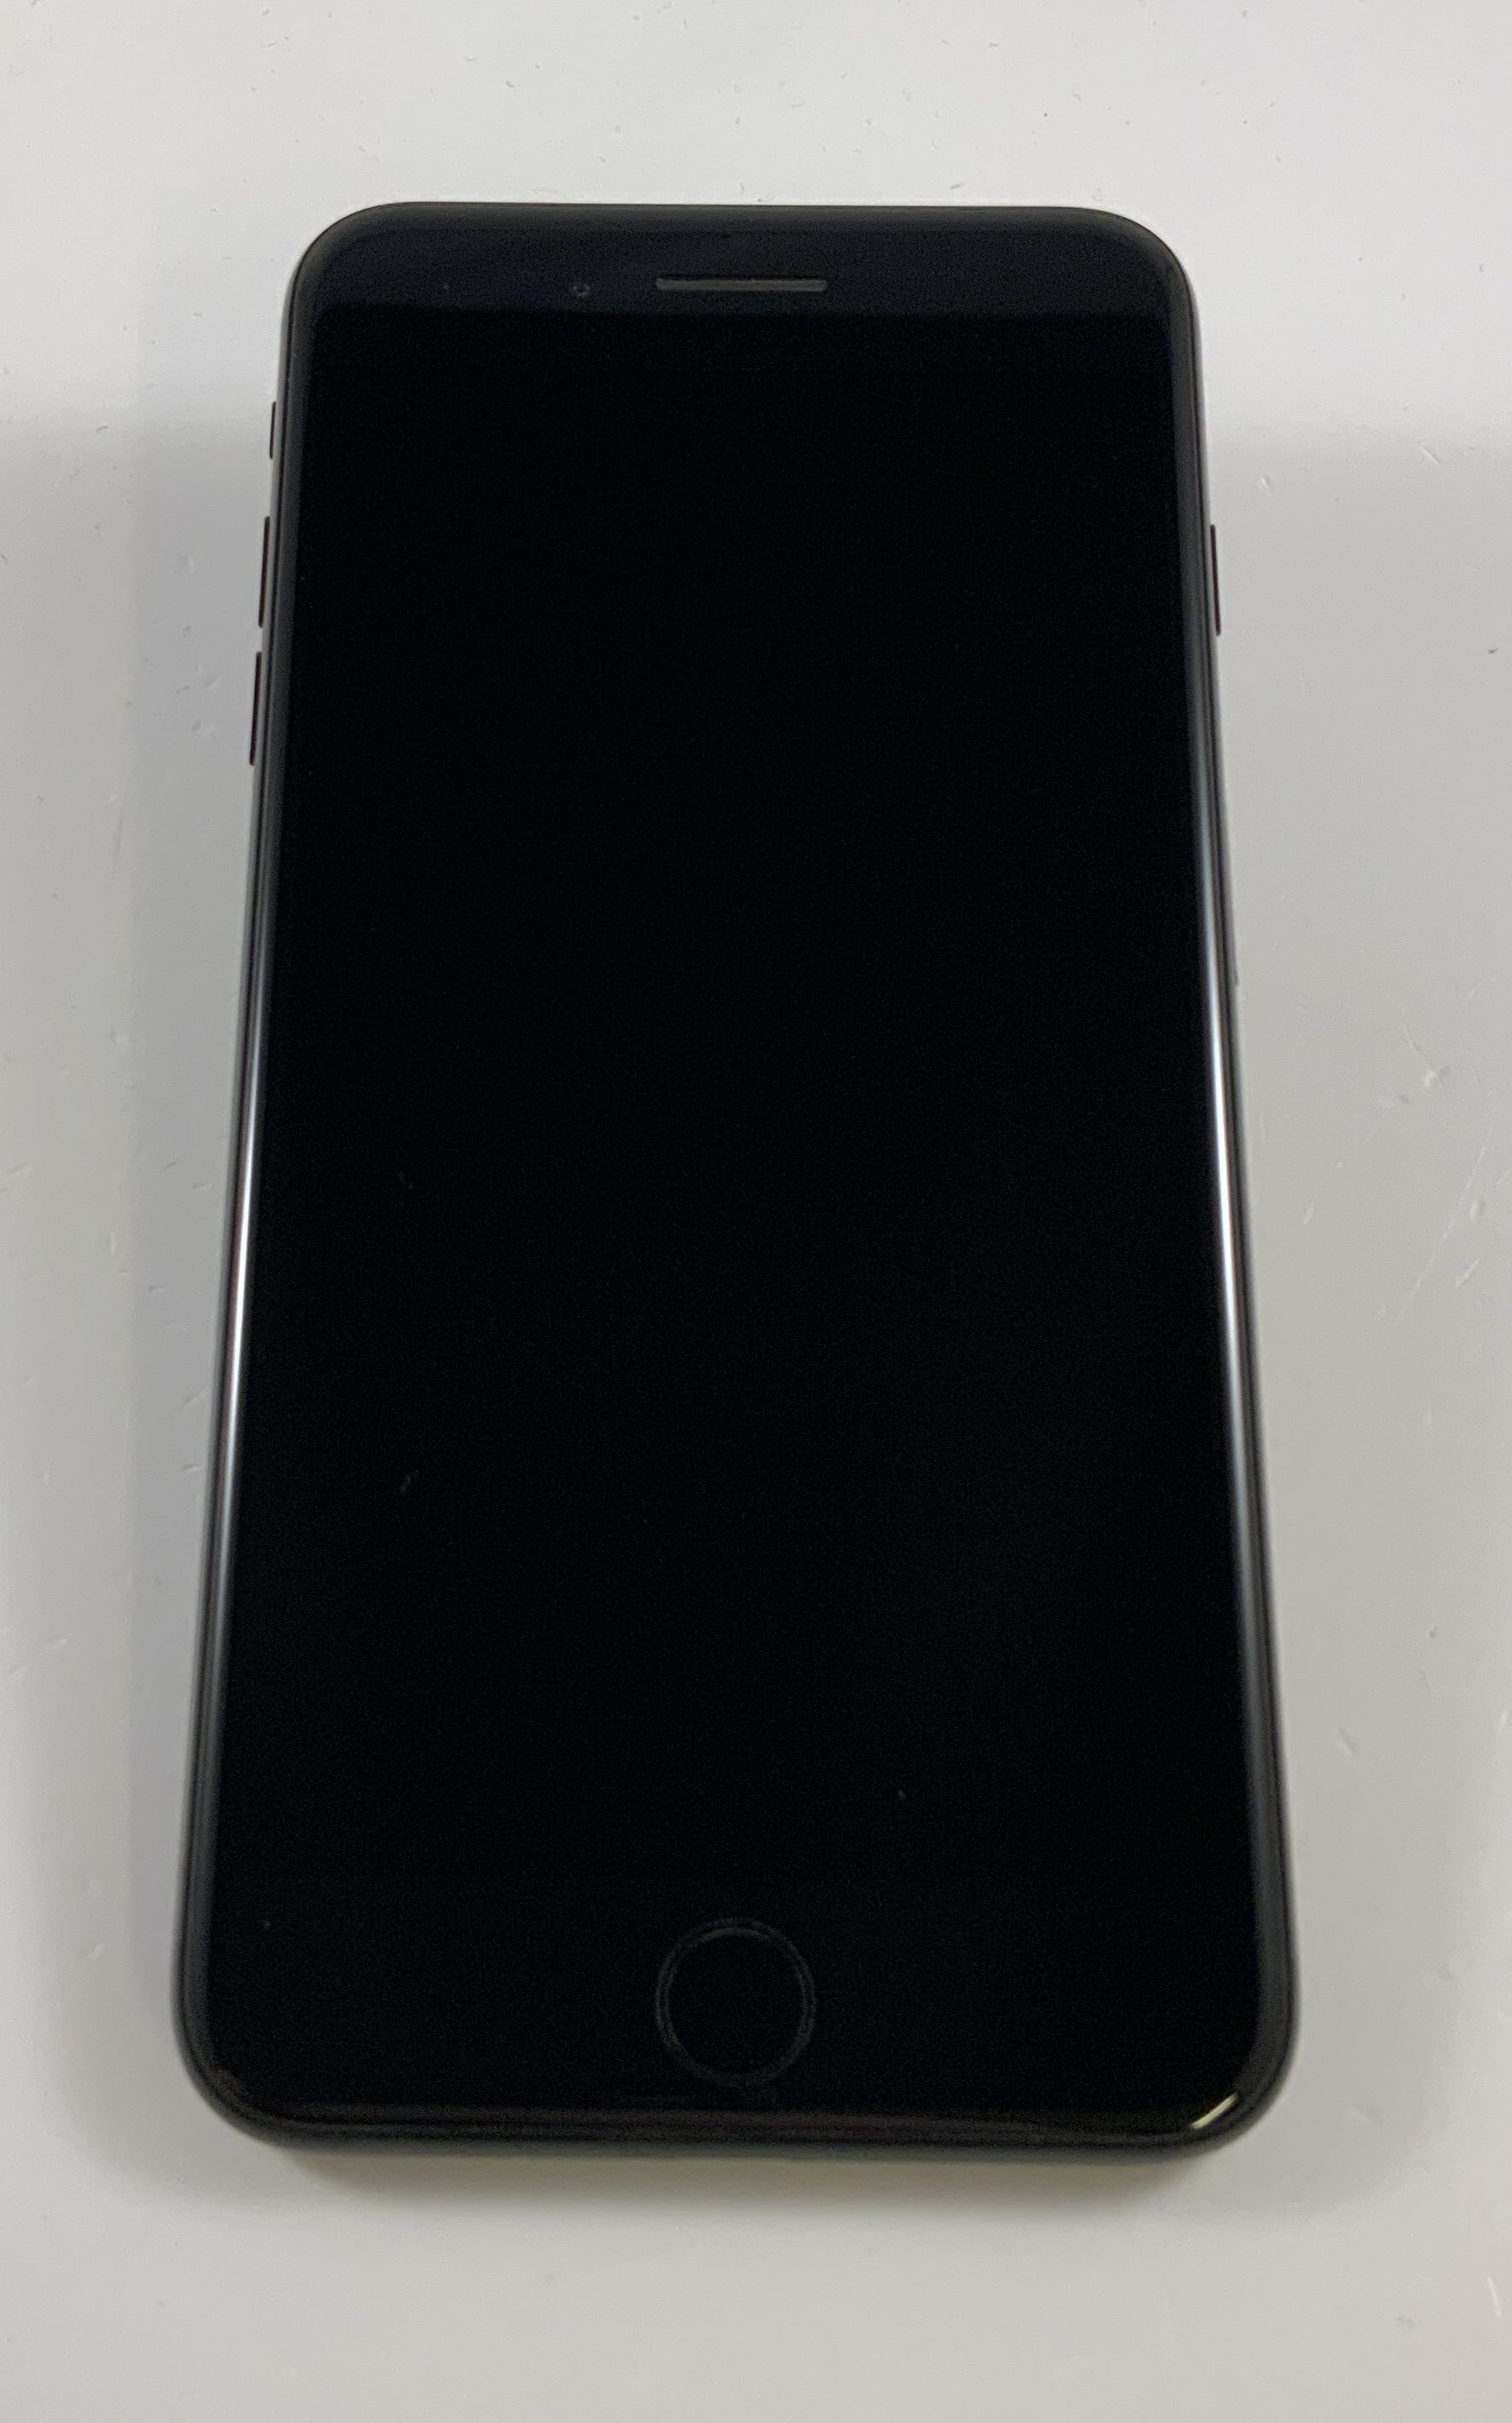 iPhone 7 Plus 128GB, 128GB, Jet Black, imagen 1